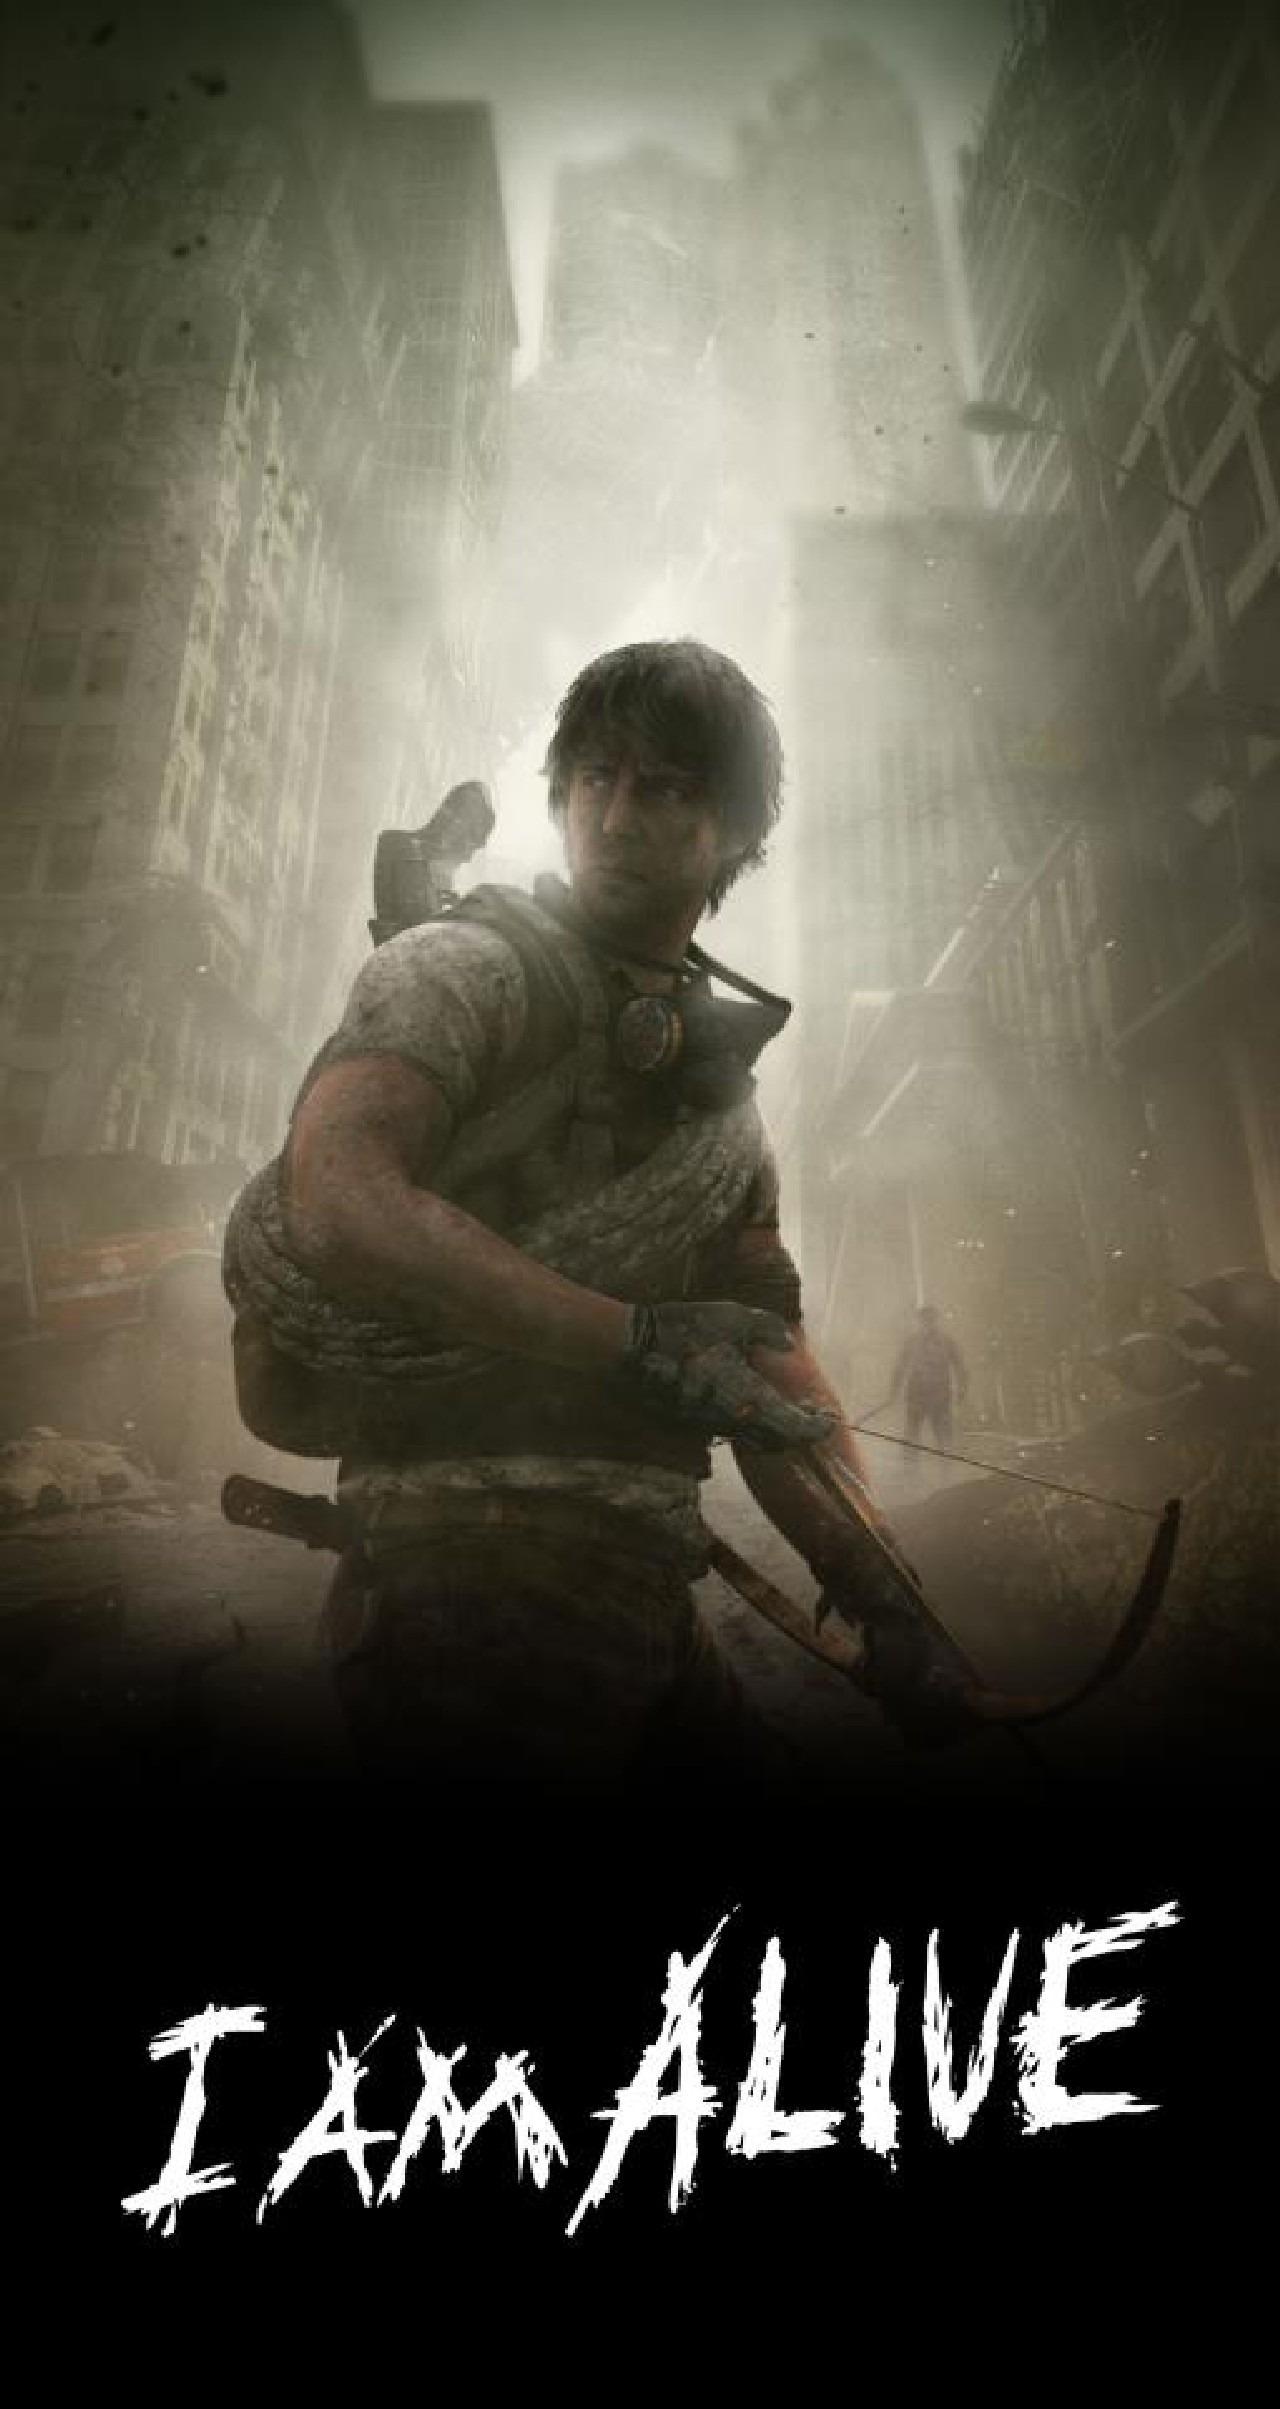 jeuxvideo.com I Am Alive - Xbox 360 Image 23 sur 138